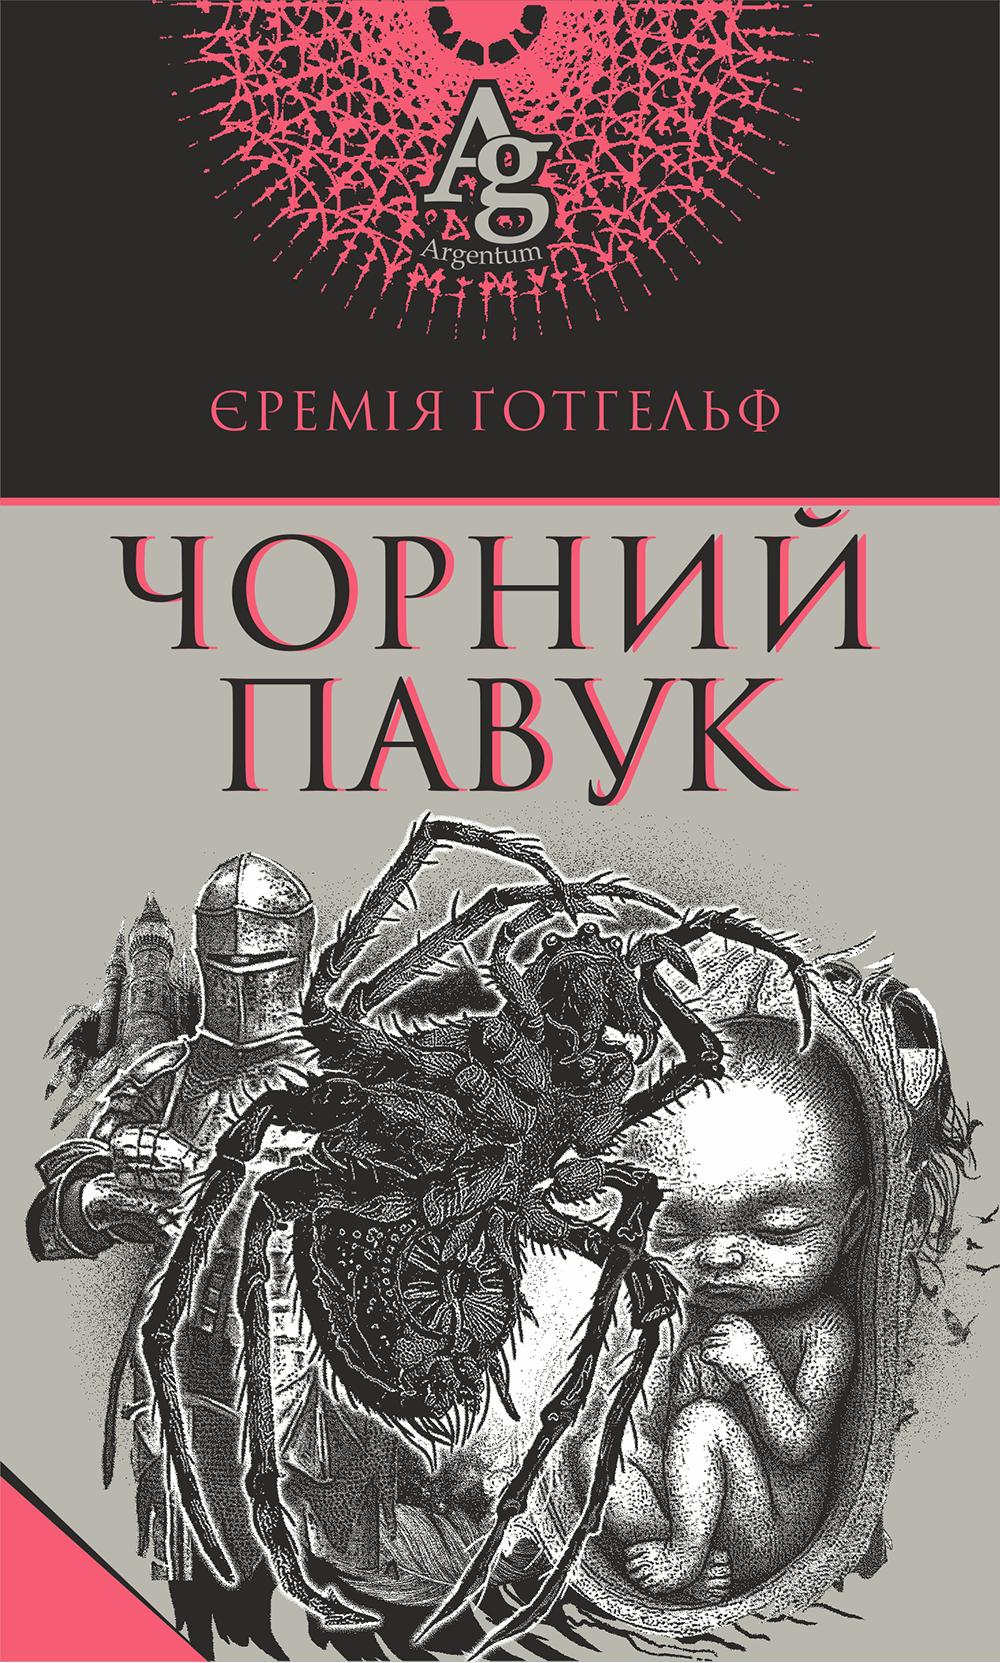 """Єремія Готгельф """"Чорний павук"""". Рецензія 1"""